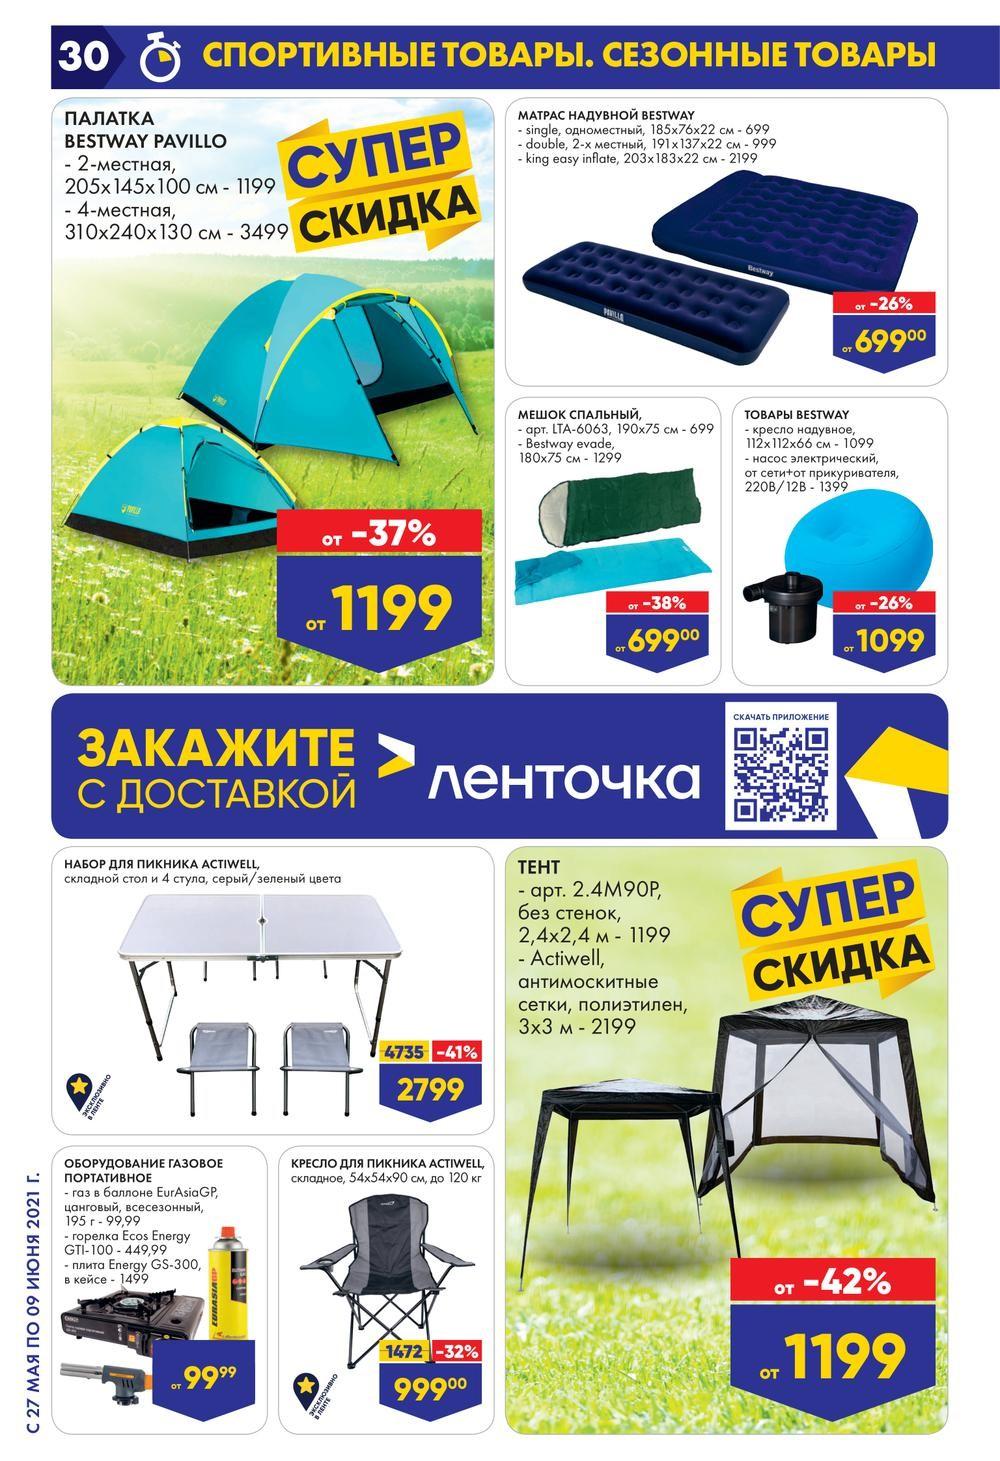 Гипермаркет. Экономим с новыми ценами в Ленте г. Москва